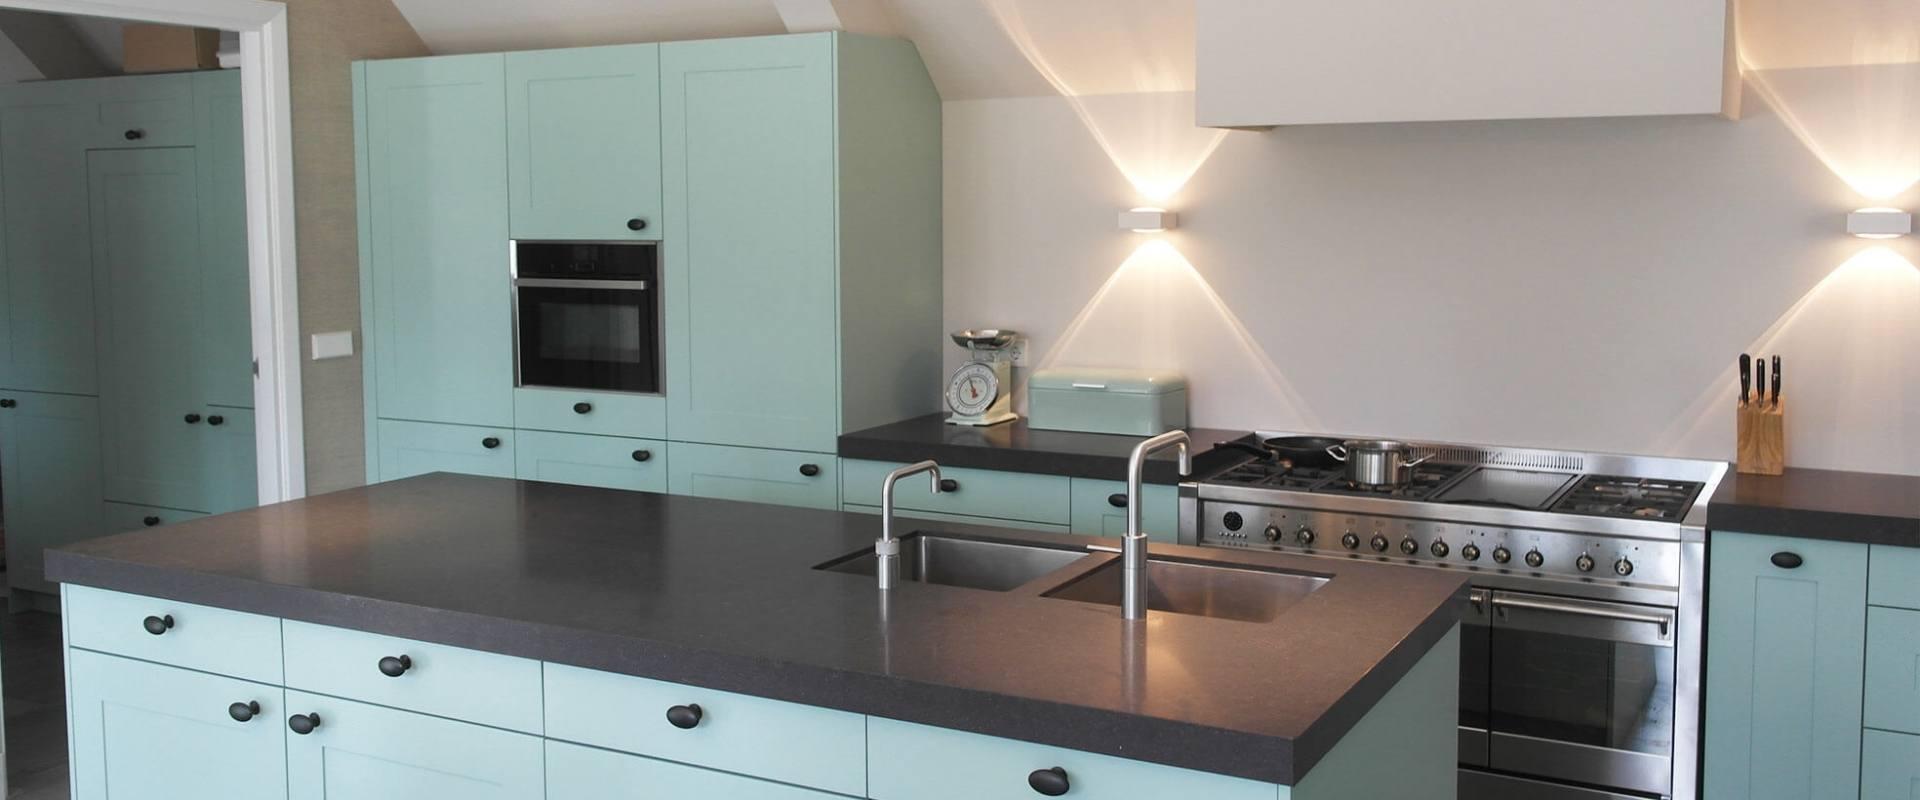 Transparant keukens de beste en de goedkoopste - De beste hedendaagse keukens ...